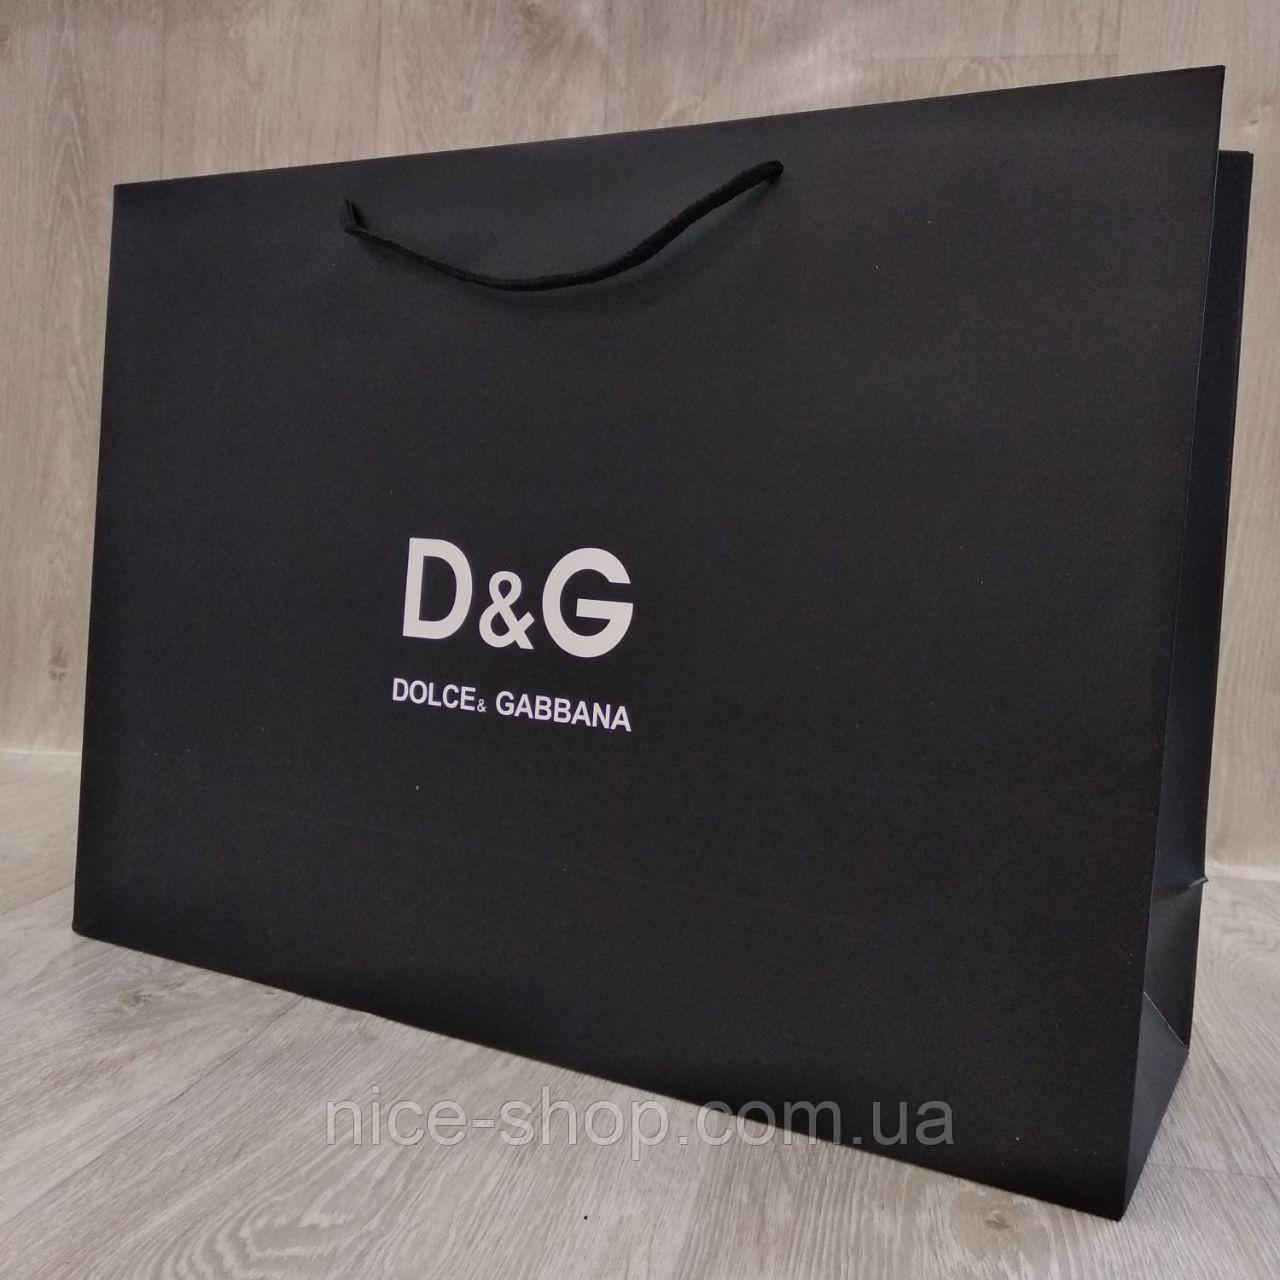 Подарочный пакет Dolce& Gabbana горизонтальный, mахi